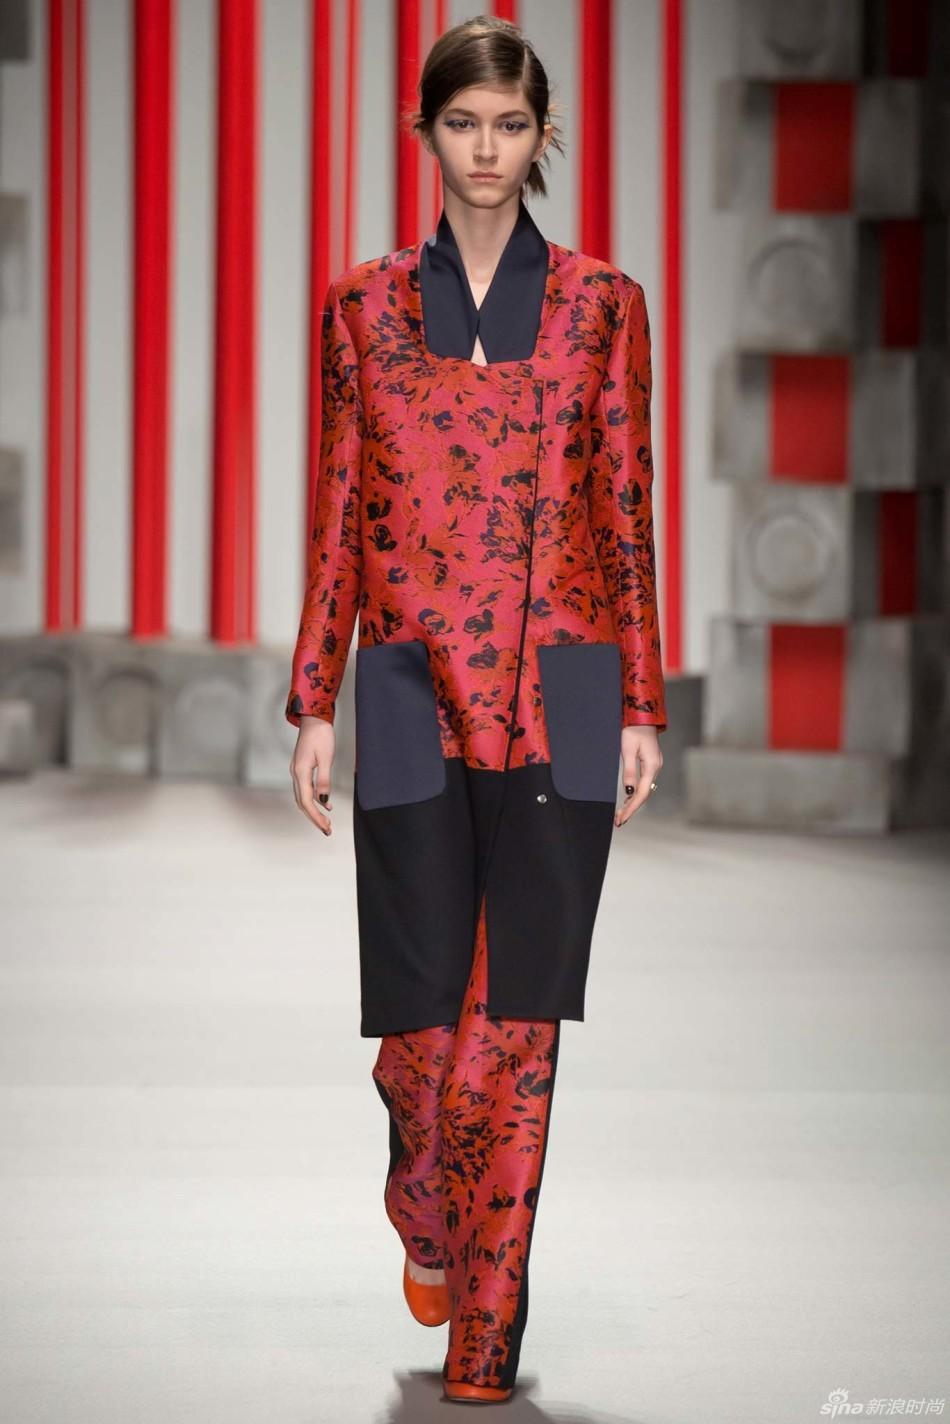 2015年 秋冬高级成衣 Eudon Choi(尤登・崔) 伦敦时装周 图片